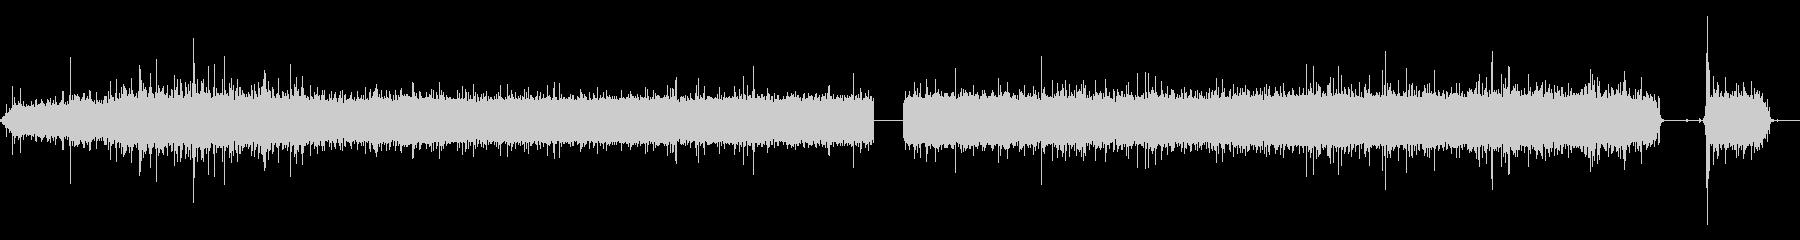 バスタブ蛇口-FILLING-BA...の未再生の波形